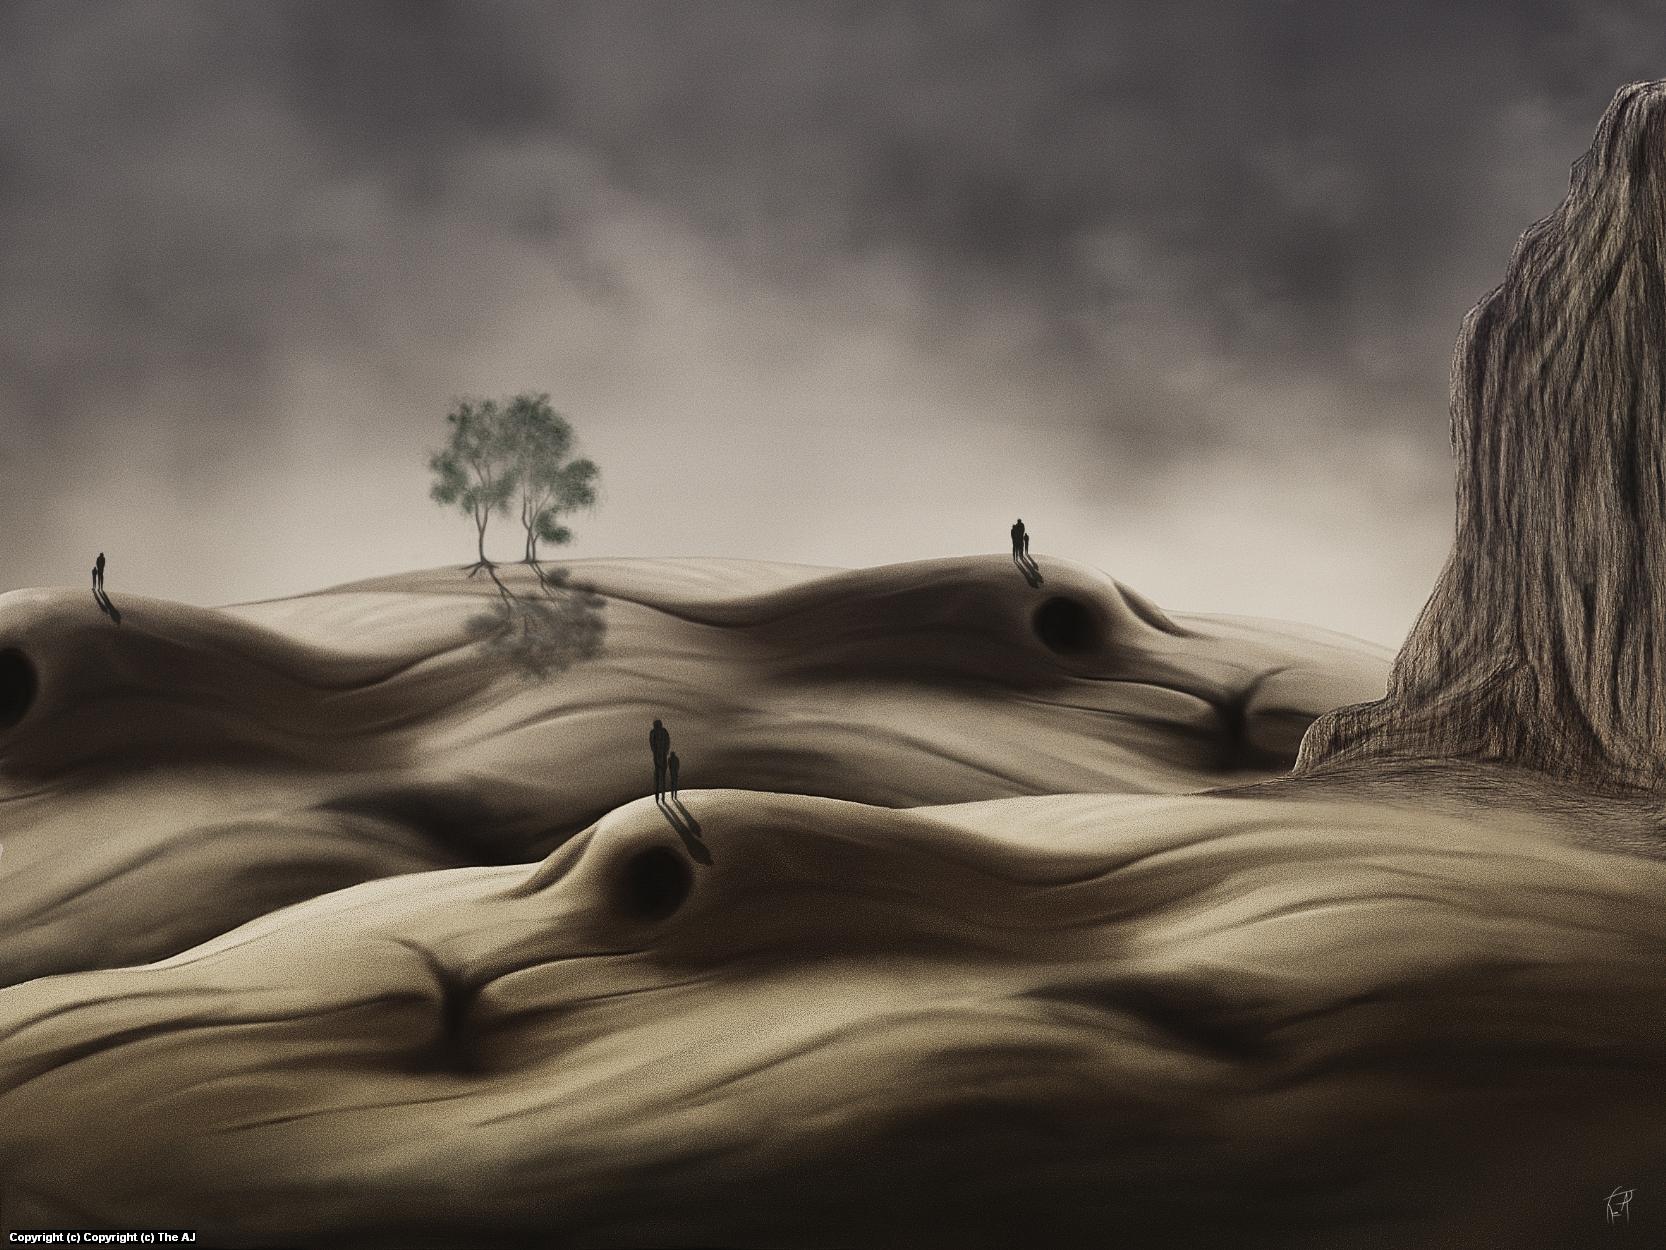 I Artwork by Alain JOUNIAUX